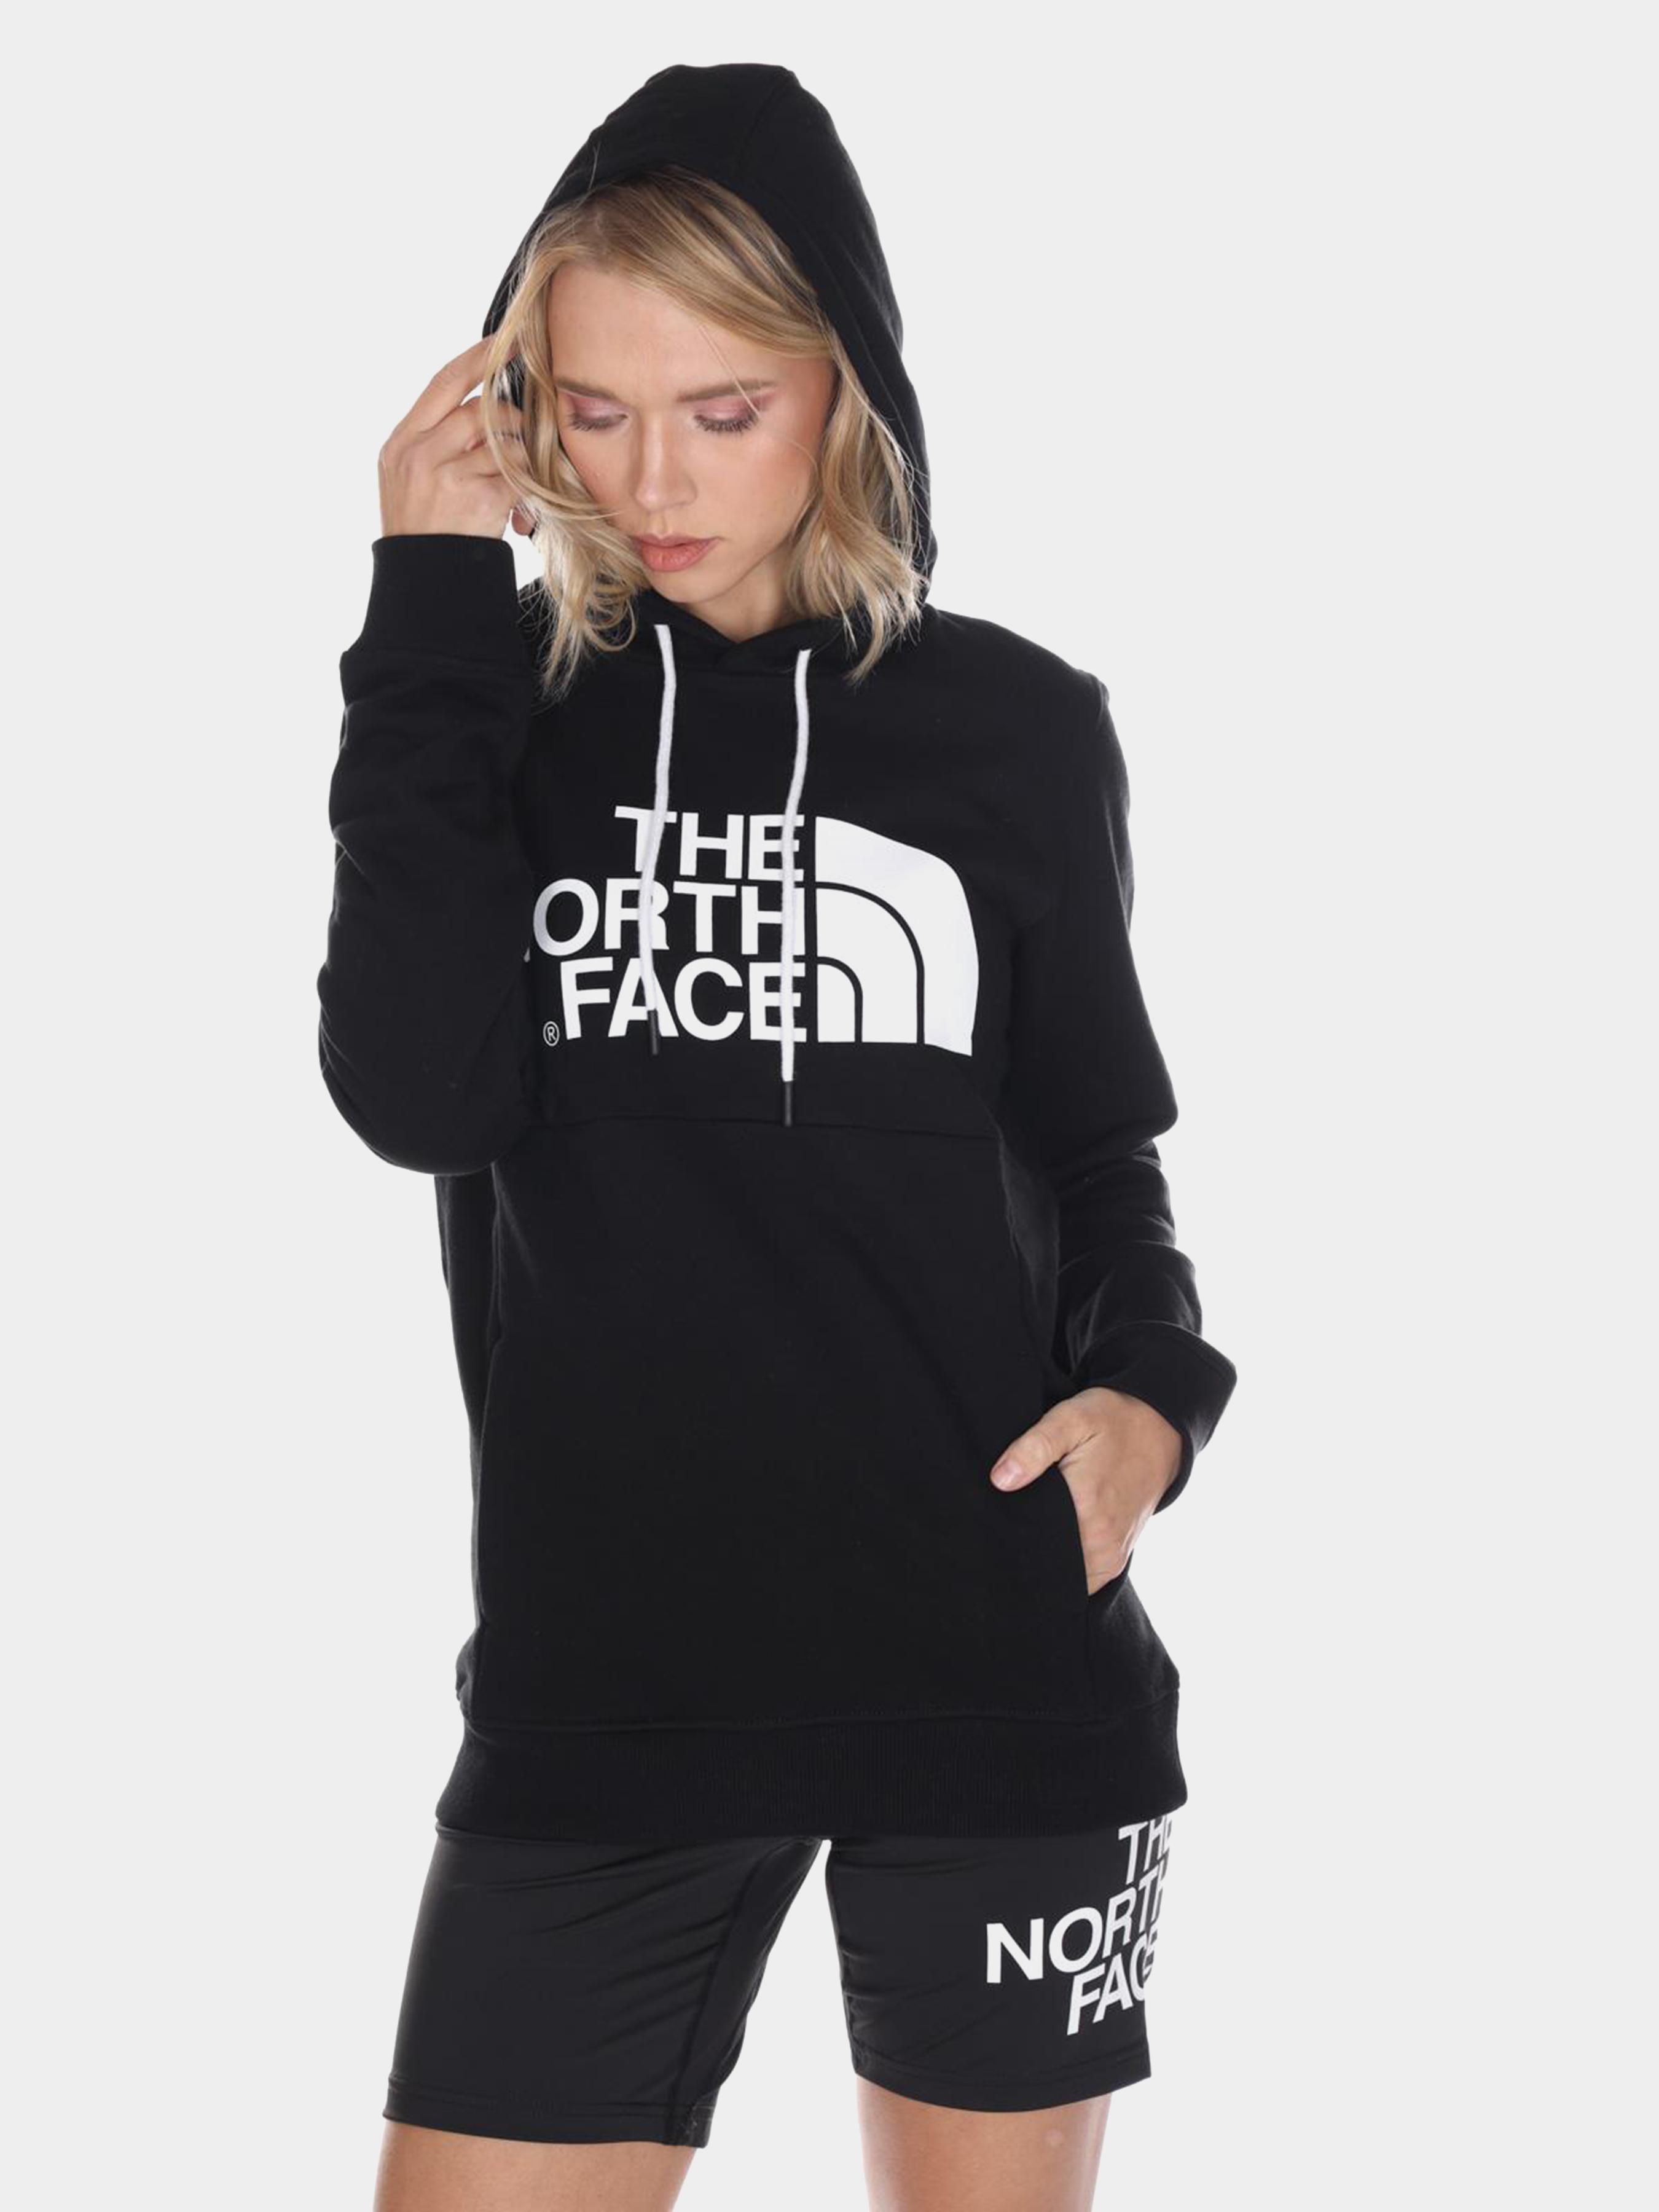 Кофты и свитера женские The North Face модель N1426 купить, 2017